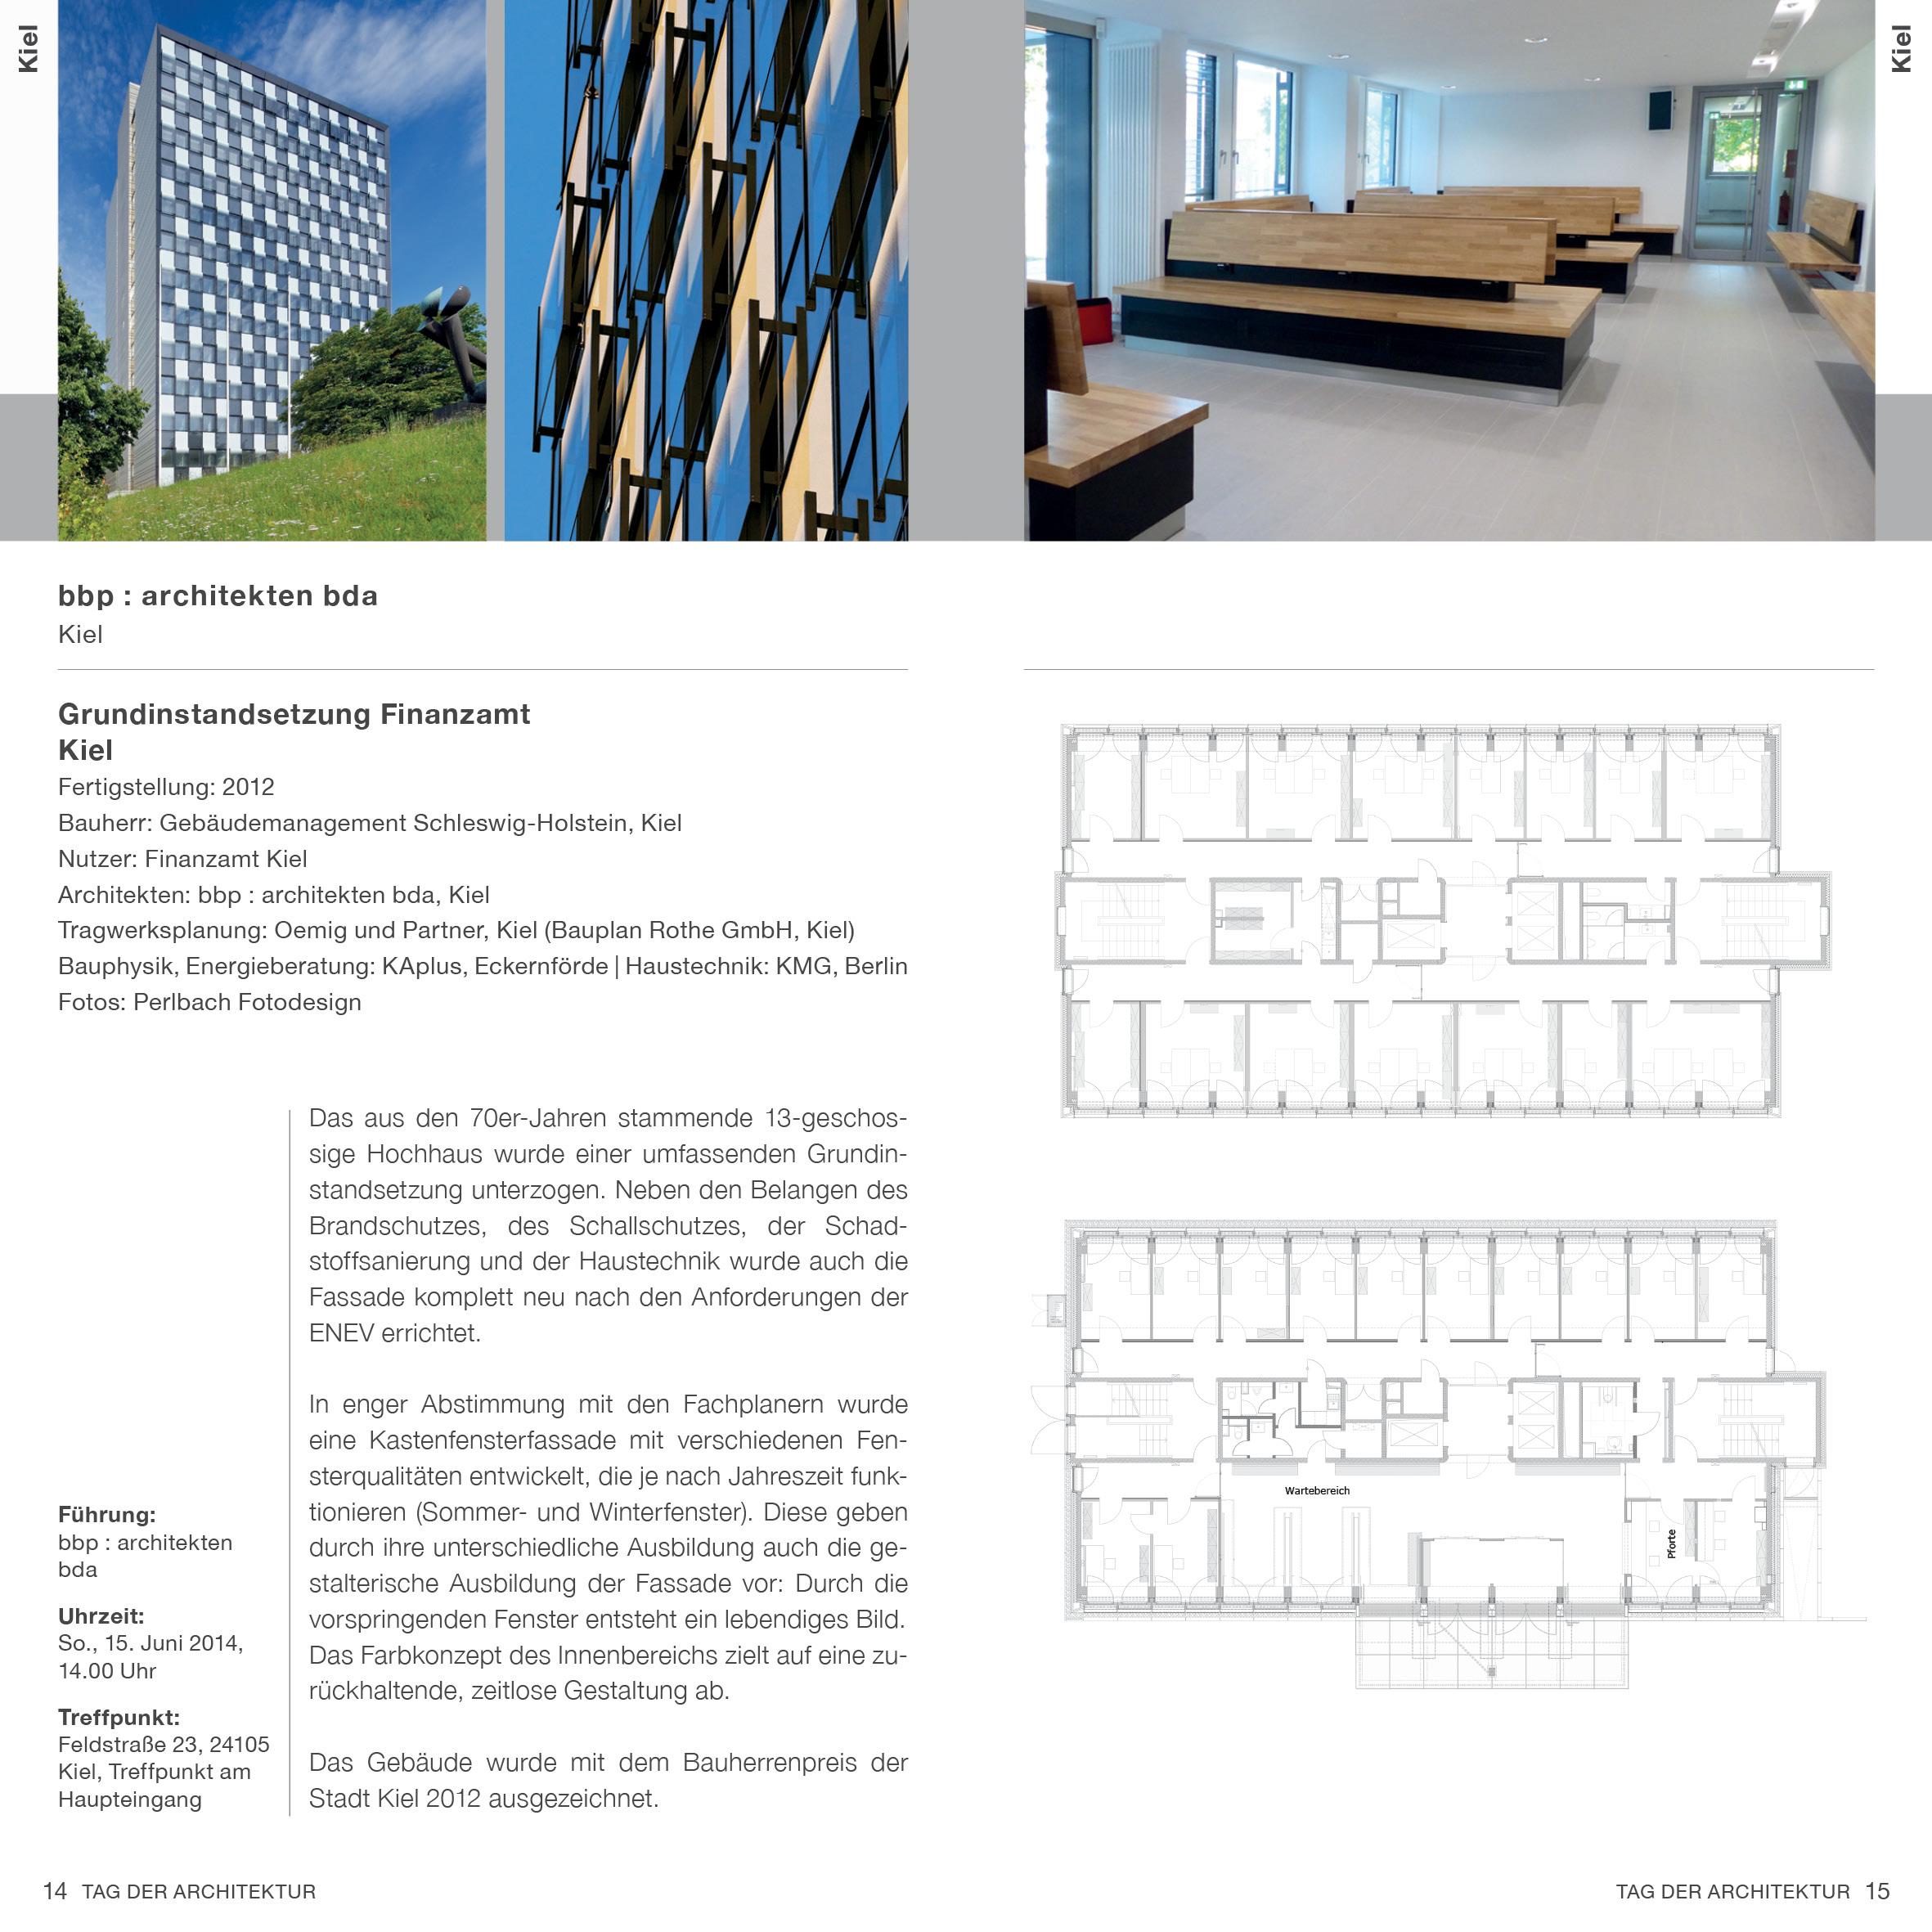 Kiel Architekten archiv der jahre 2005 2017 architekten und ingenieurkammer